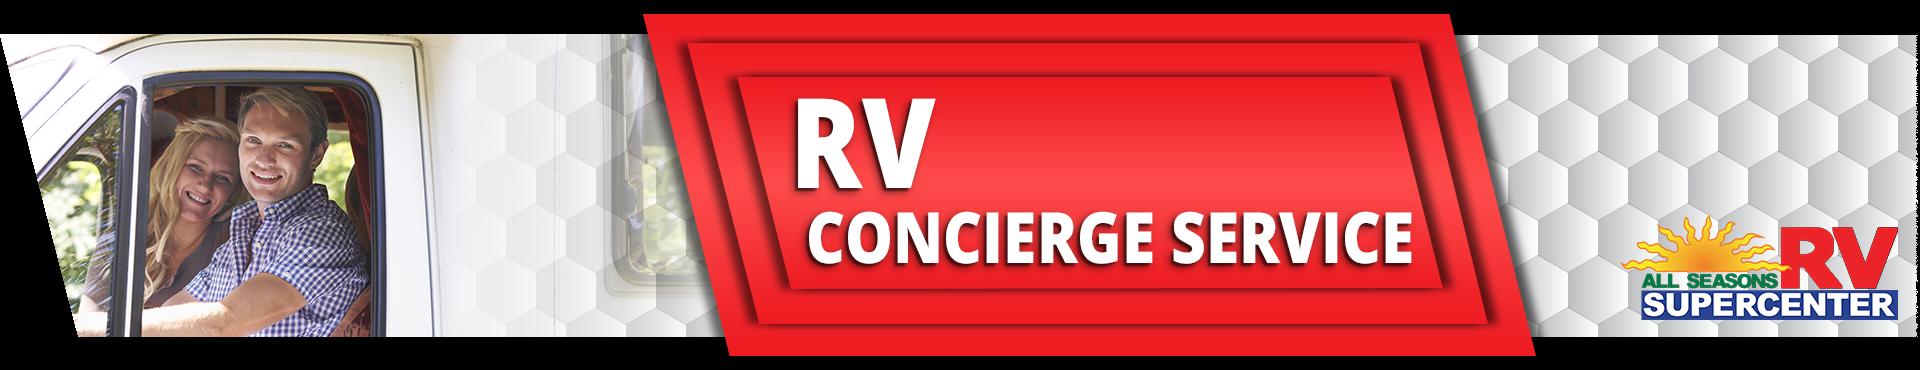 RV Concierge Service